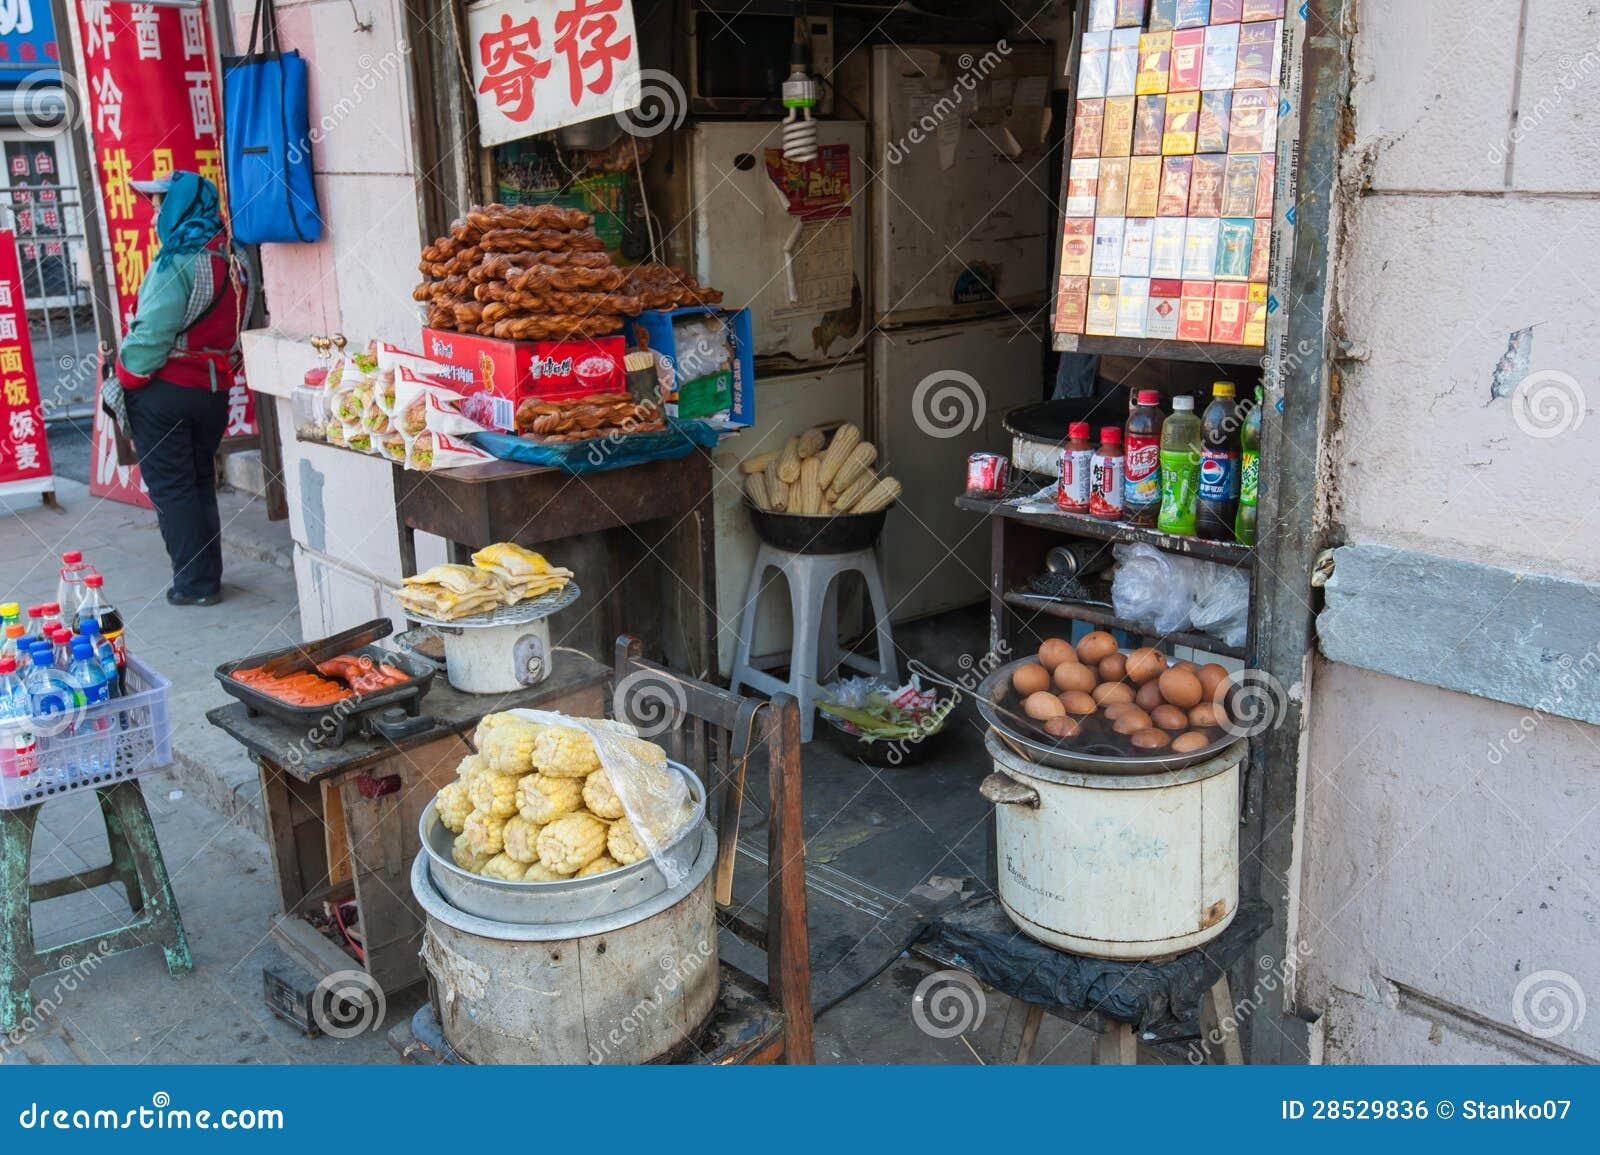 Shenyang Street Food